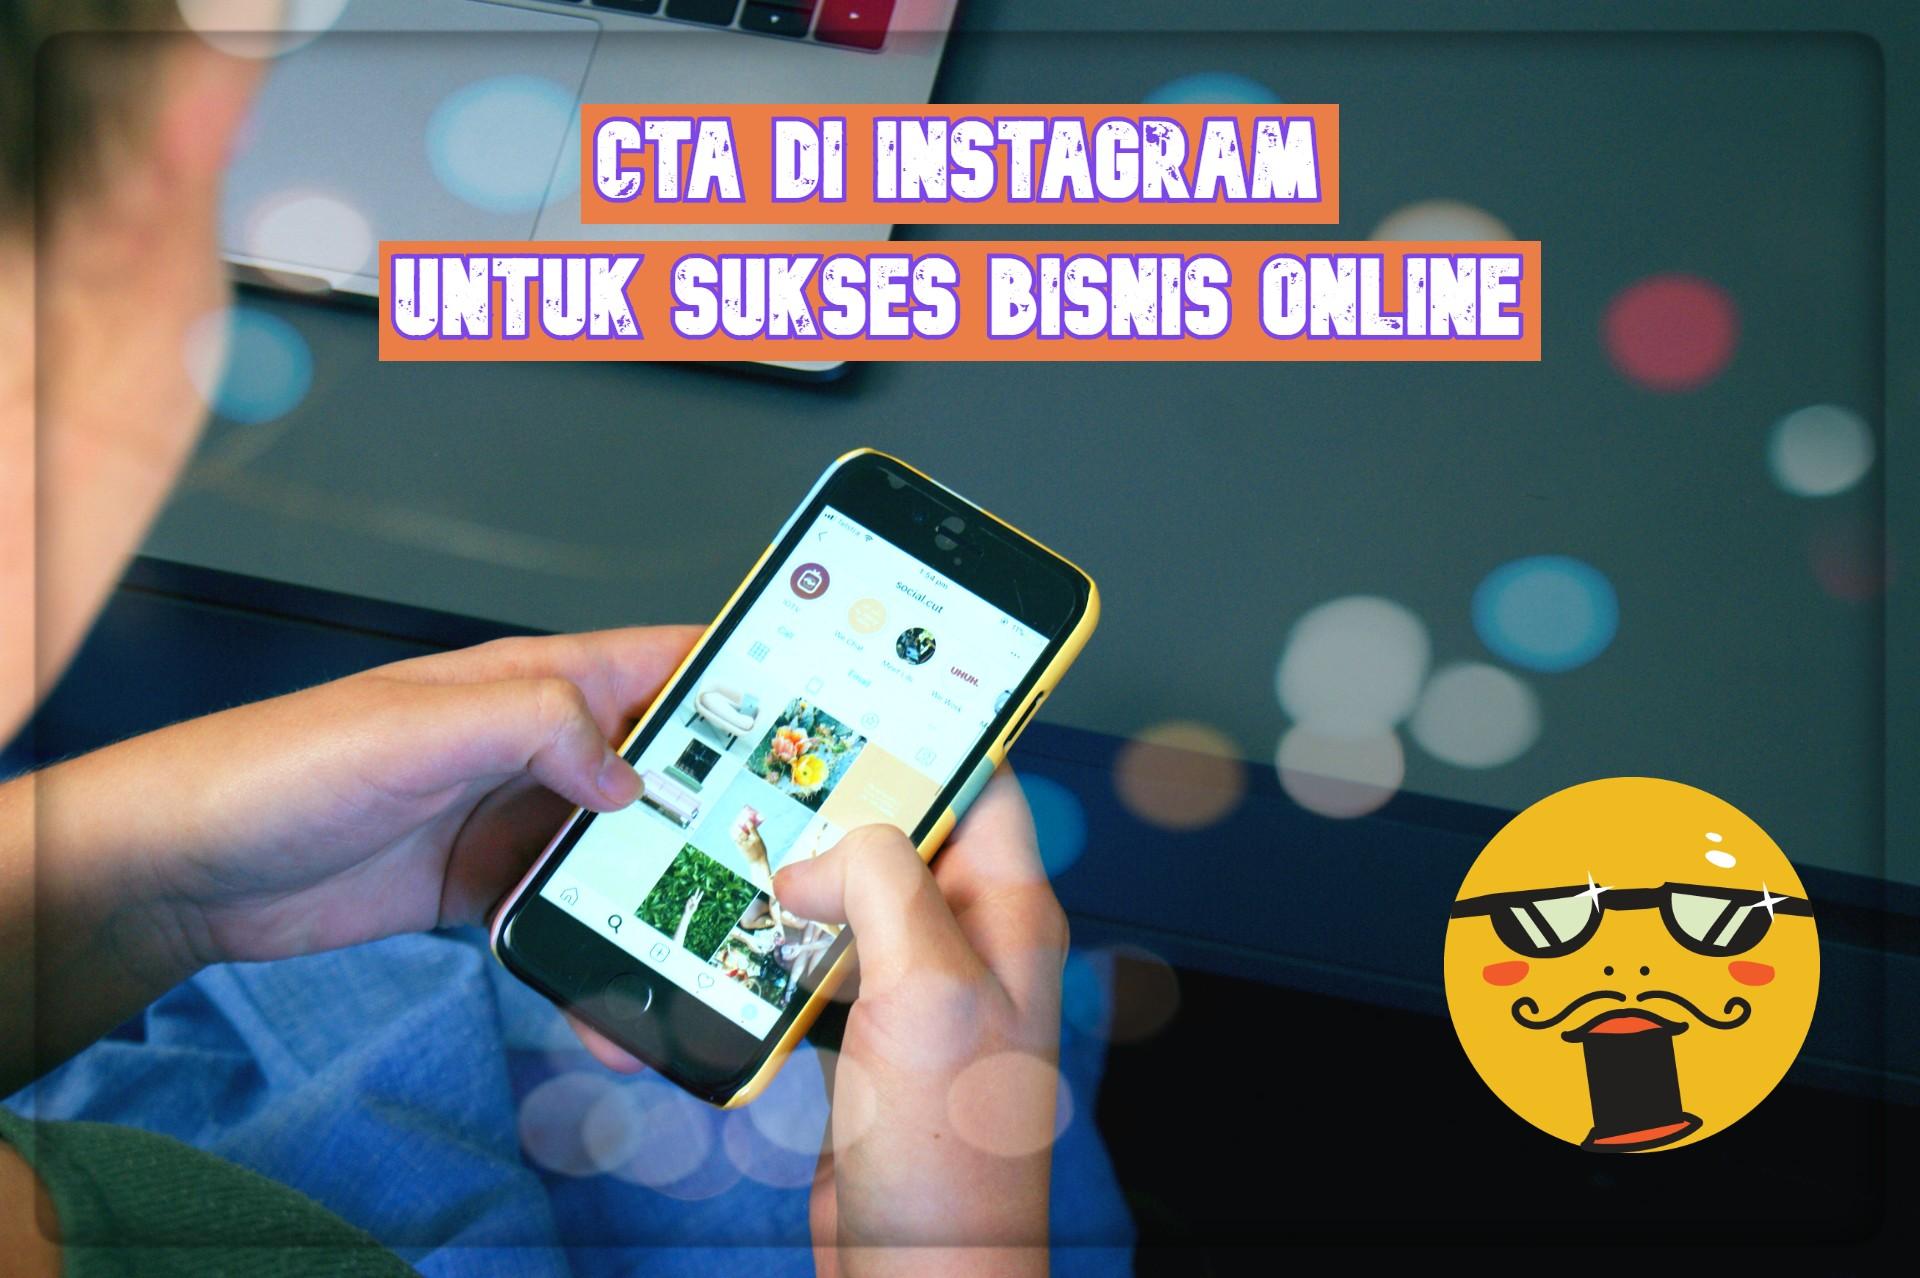 CTA di Instagram Bisnis Online 2019